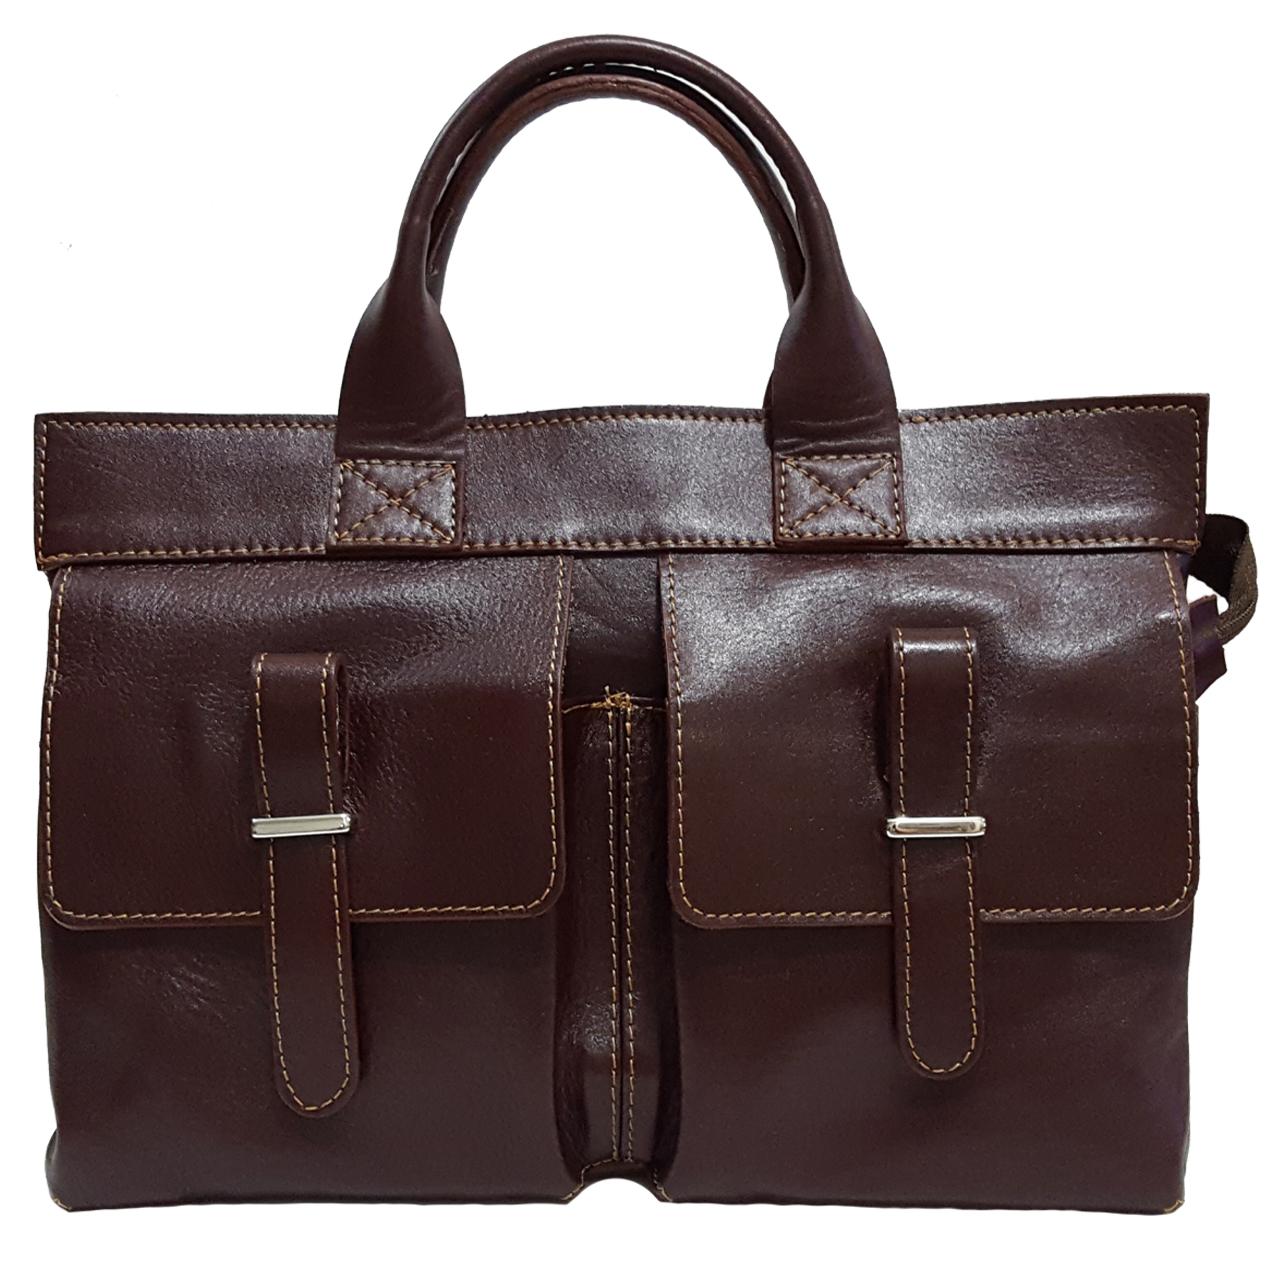 کیف دستی زنانه چرم زانکو مدل 2 -KD-778977